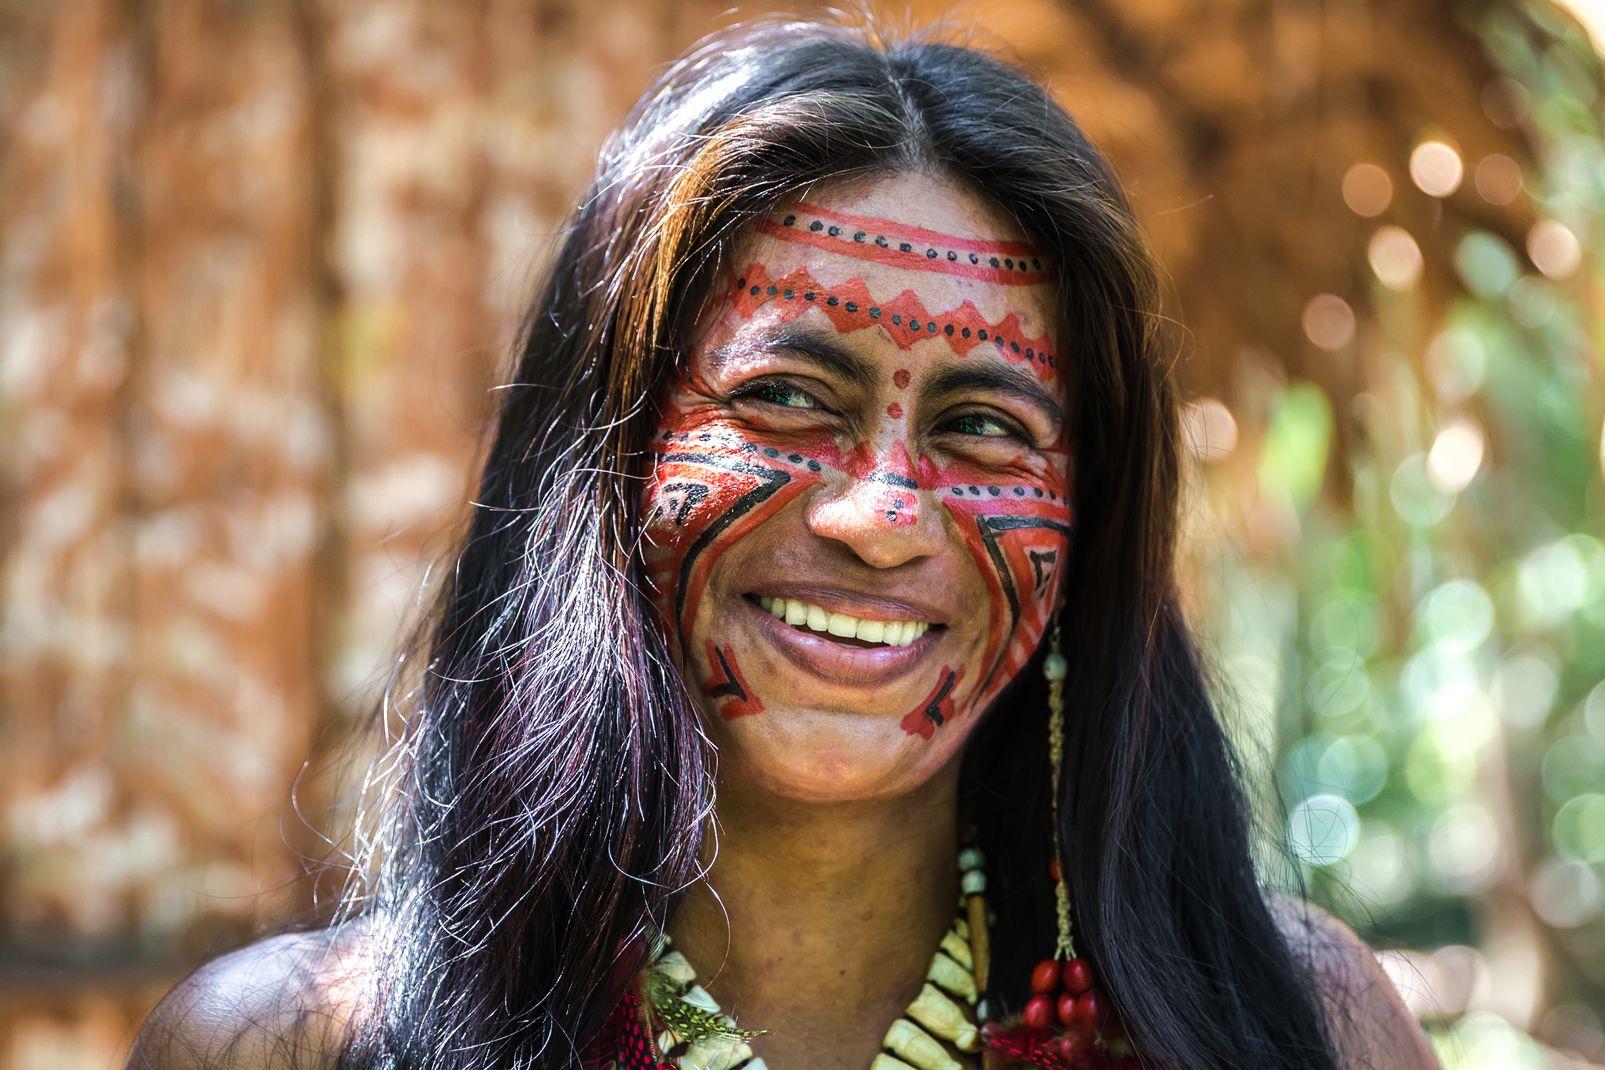 amérique, sud, brésil, portrait, femme, indienne, amazonie, tribal, ethnie